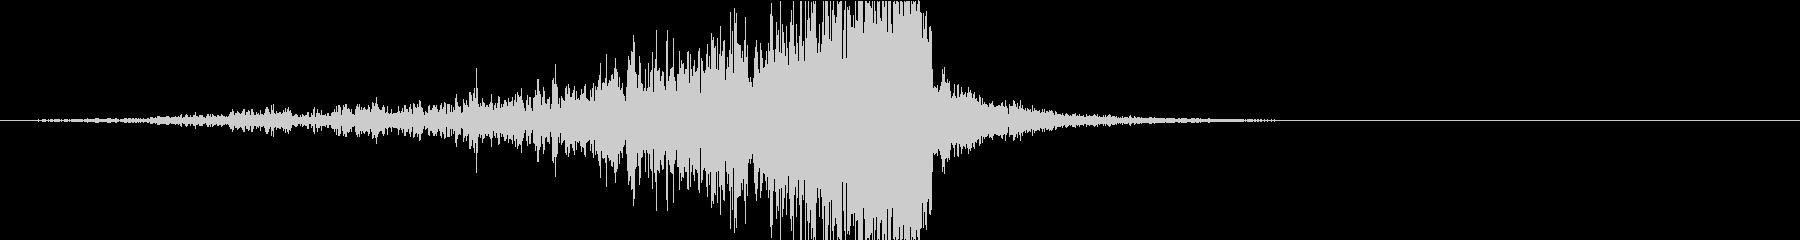 ドラマティックなリバース音35-01の未再生の波形